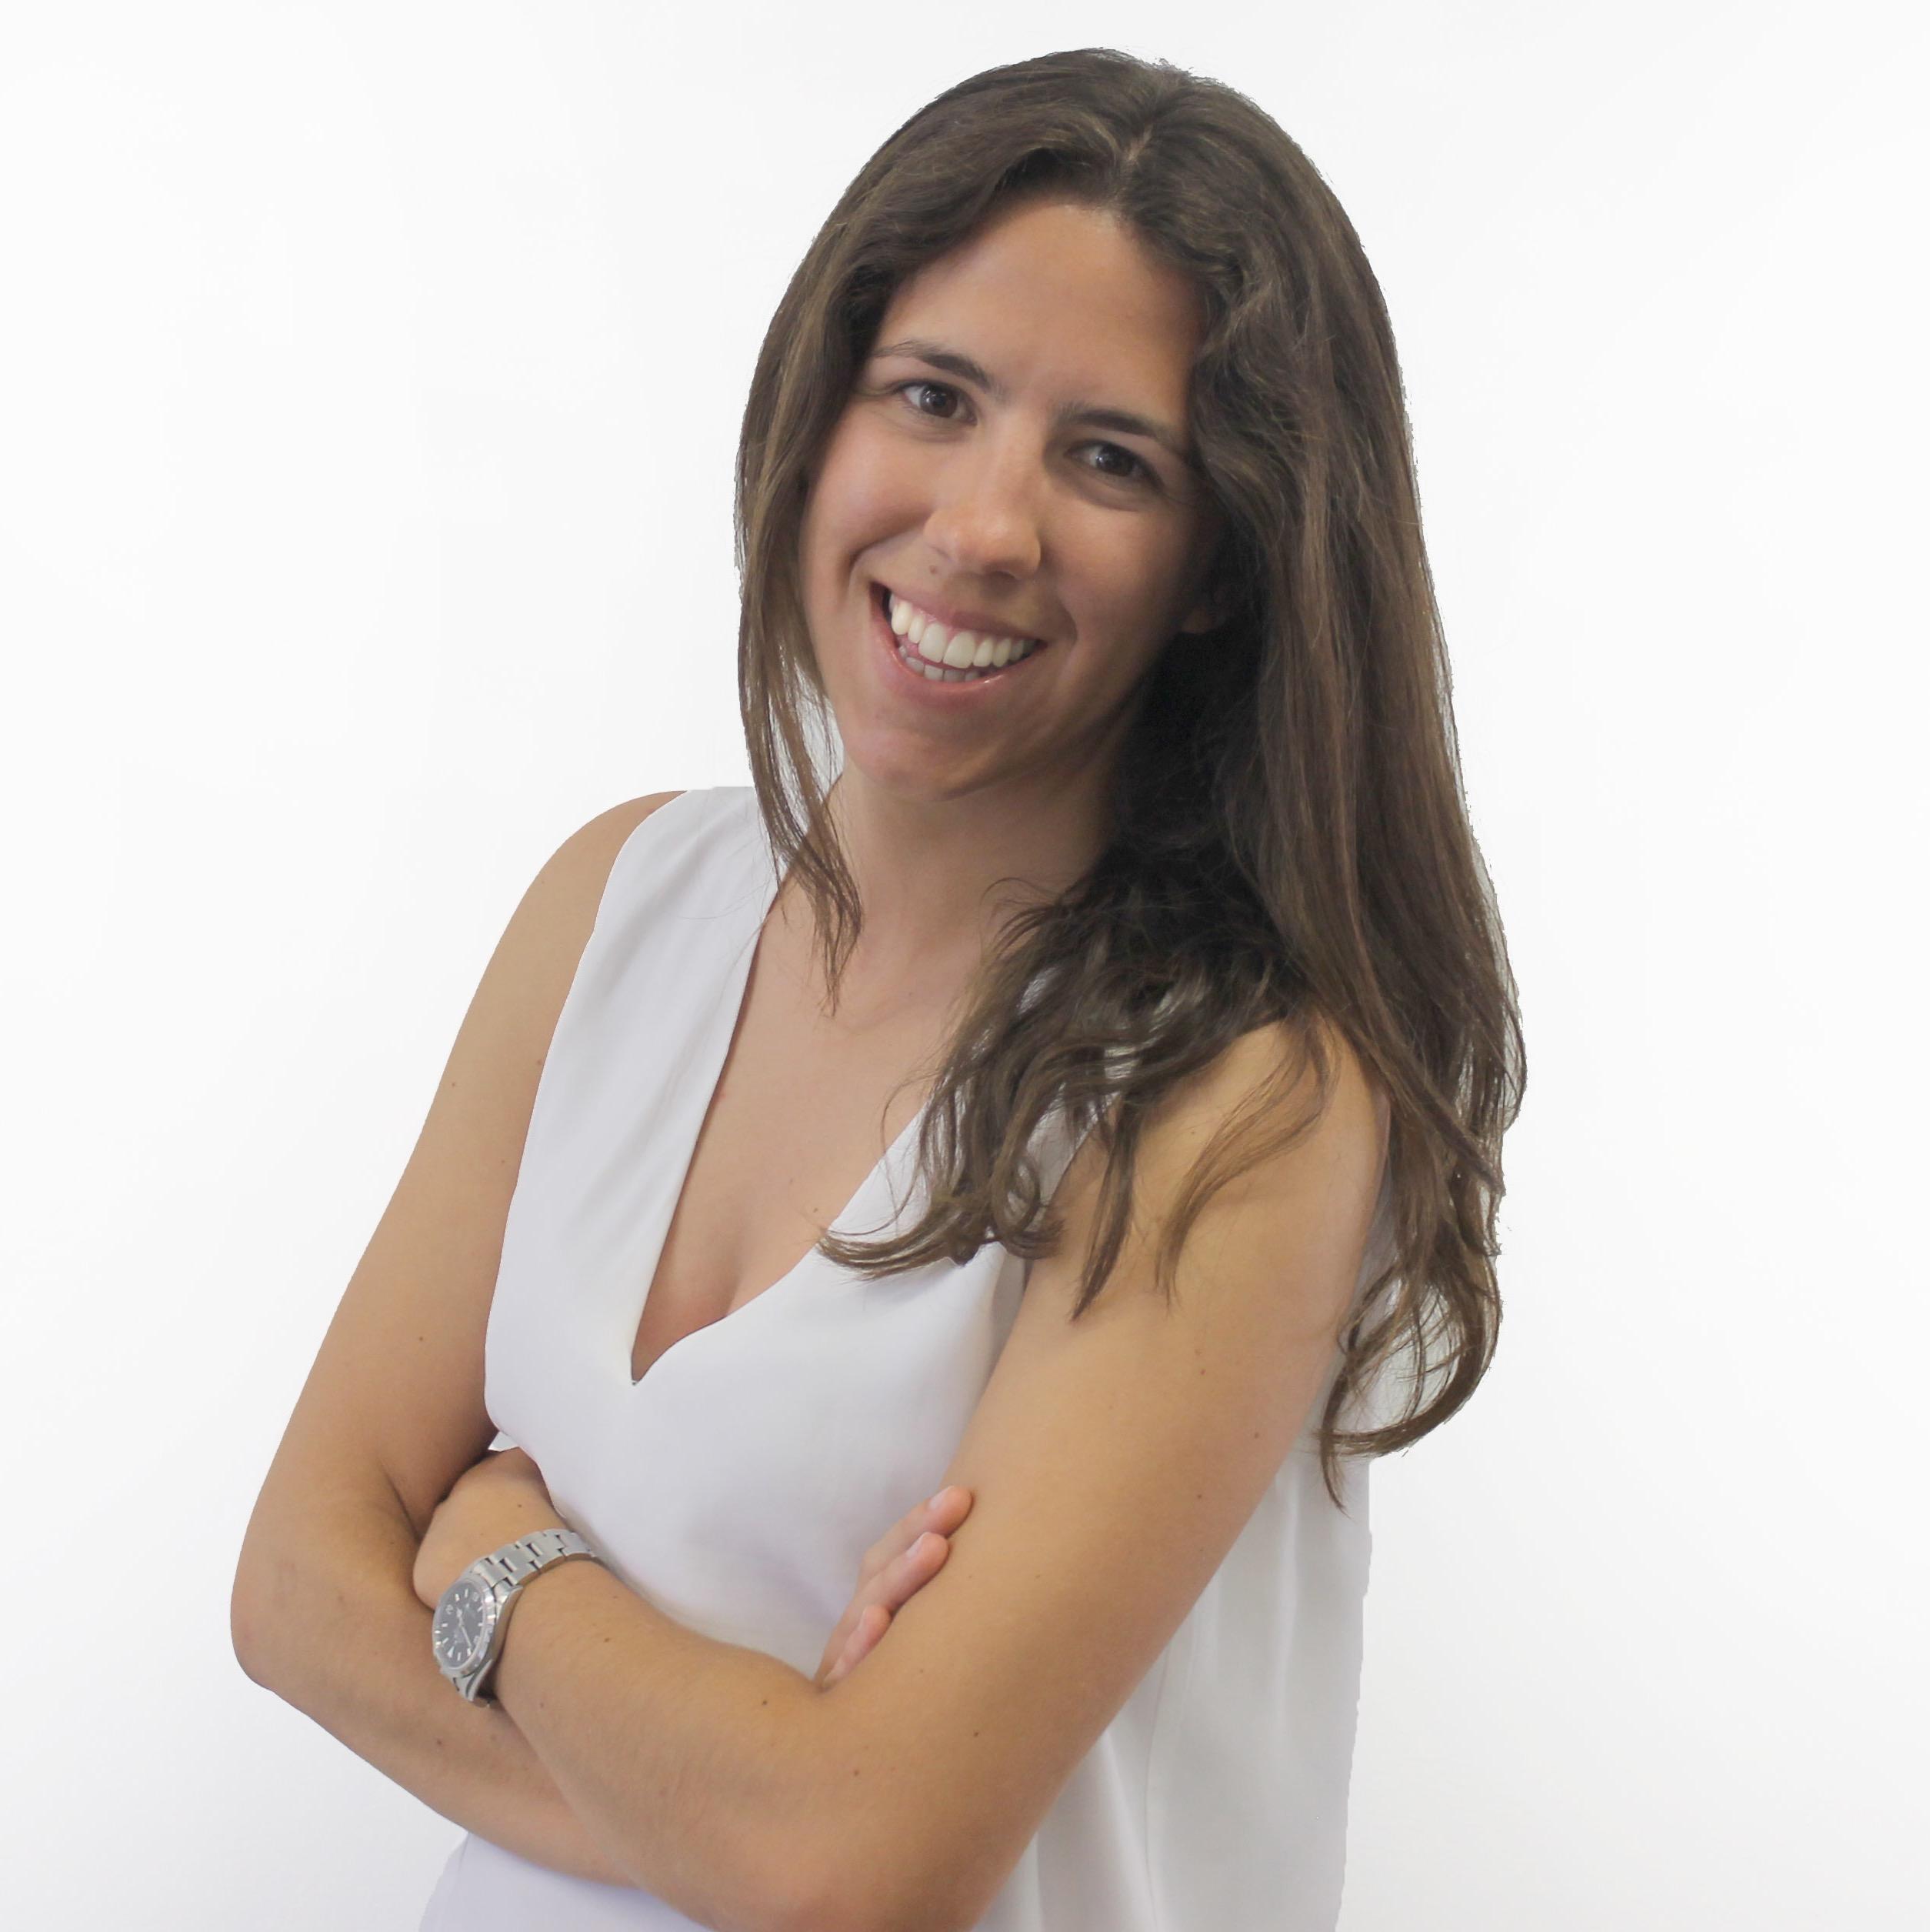 Berta Argente